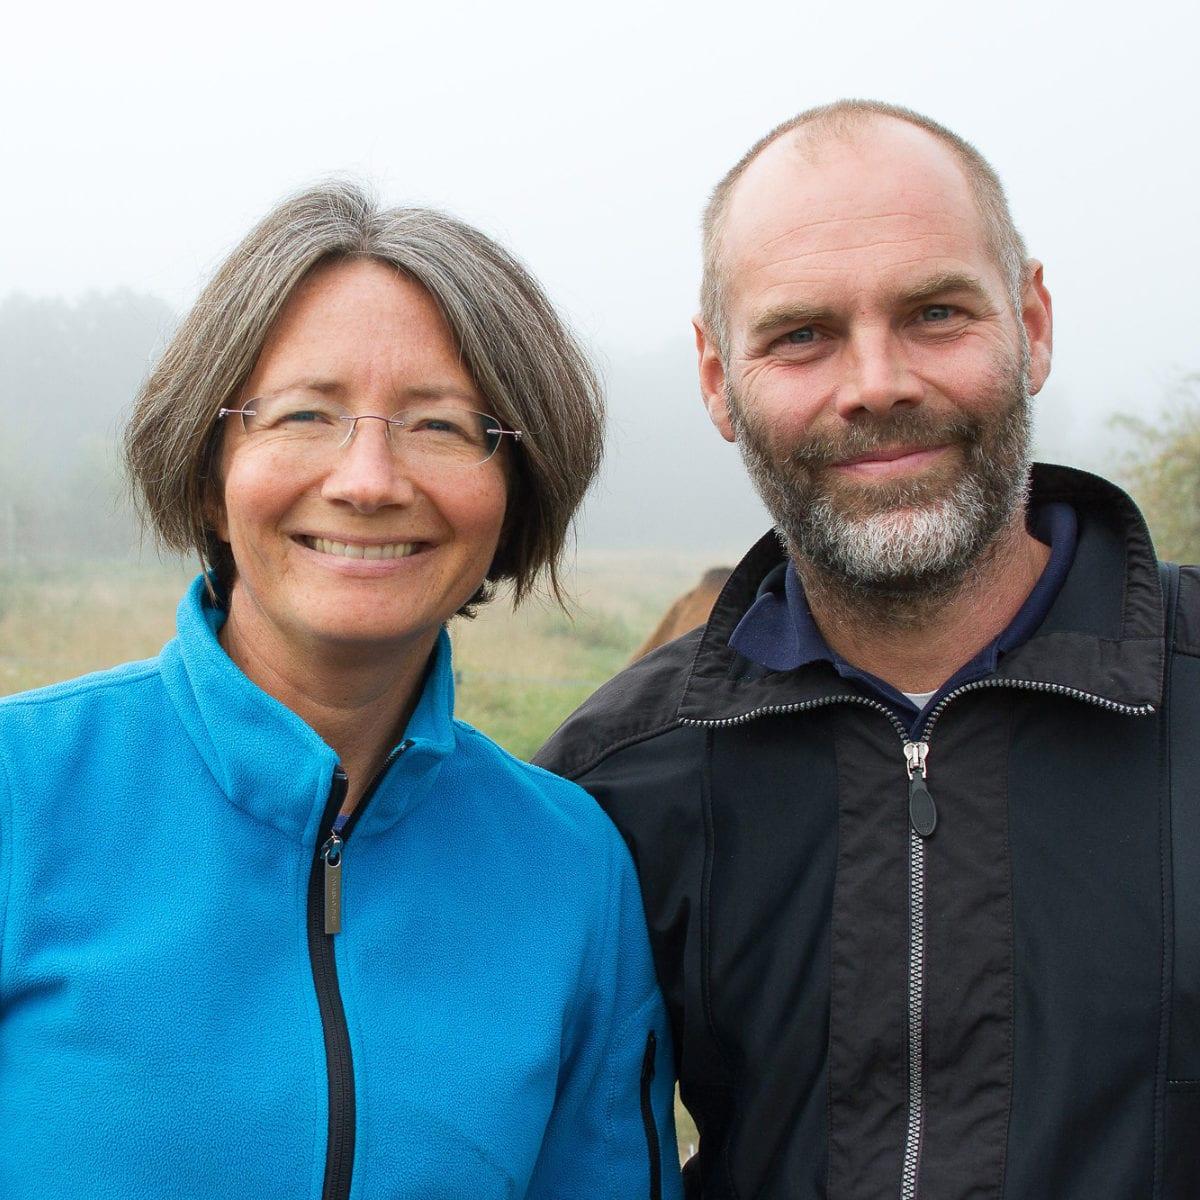 Anna & Marcus Callenbring Juleboda gård